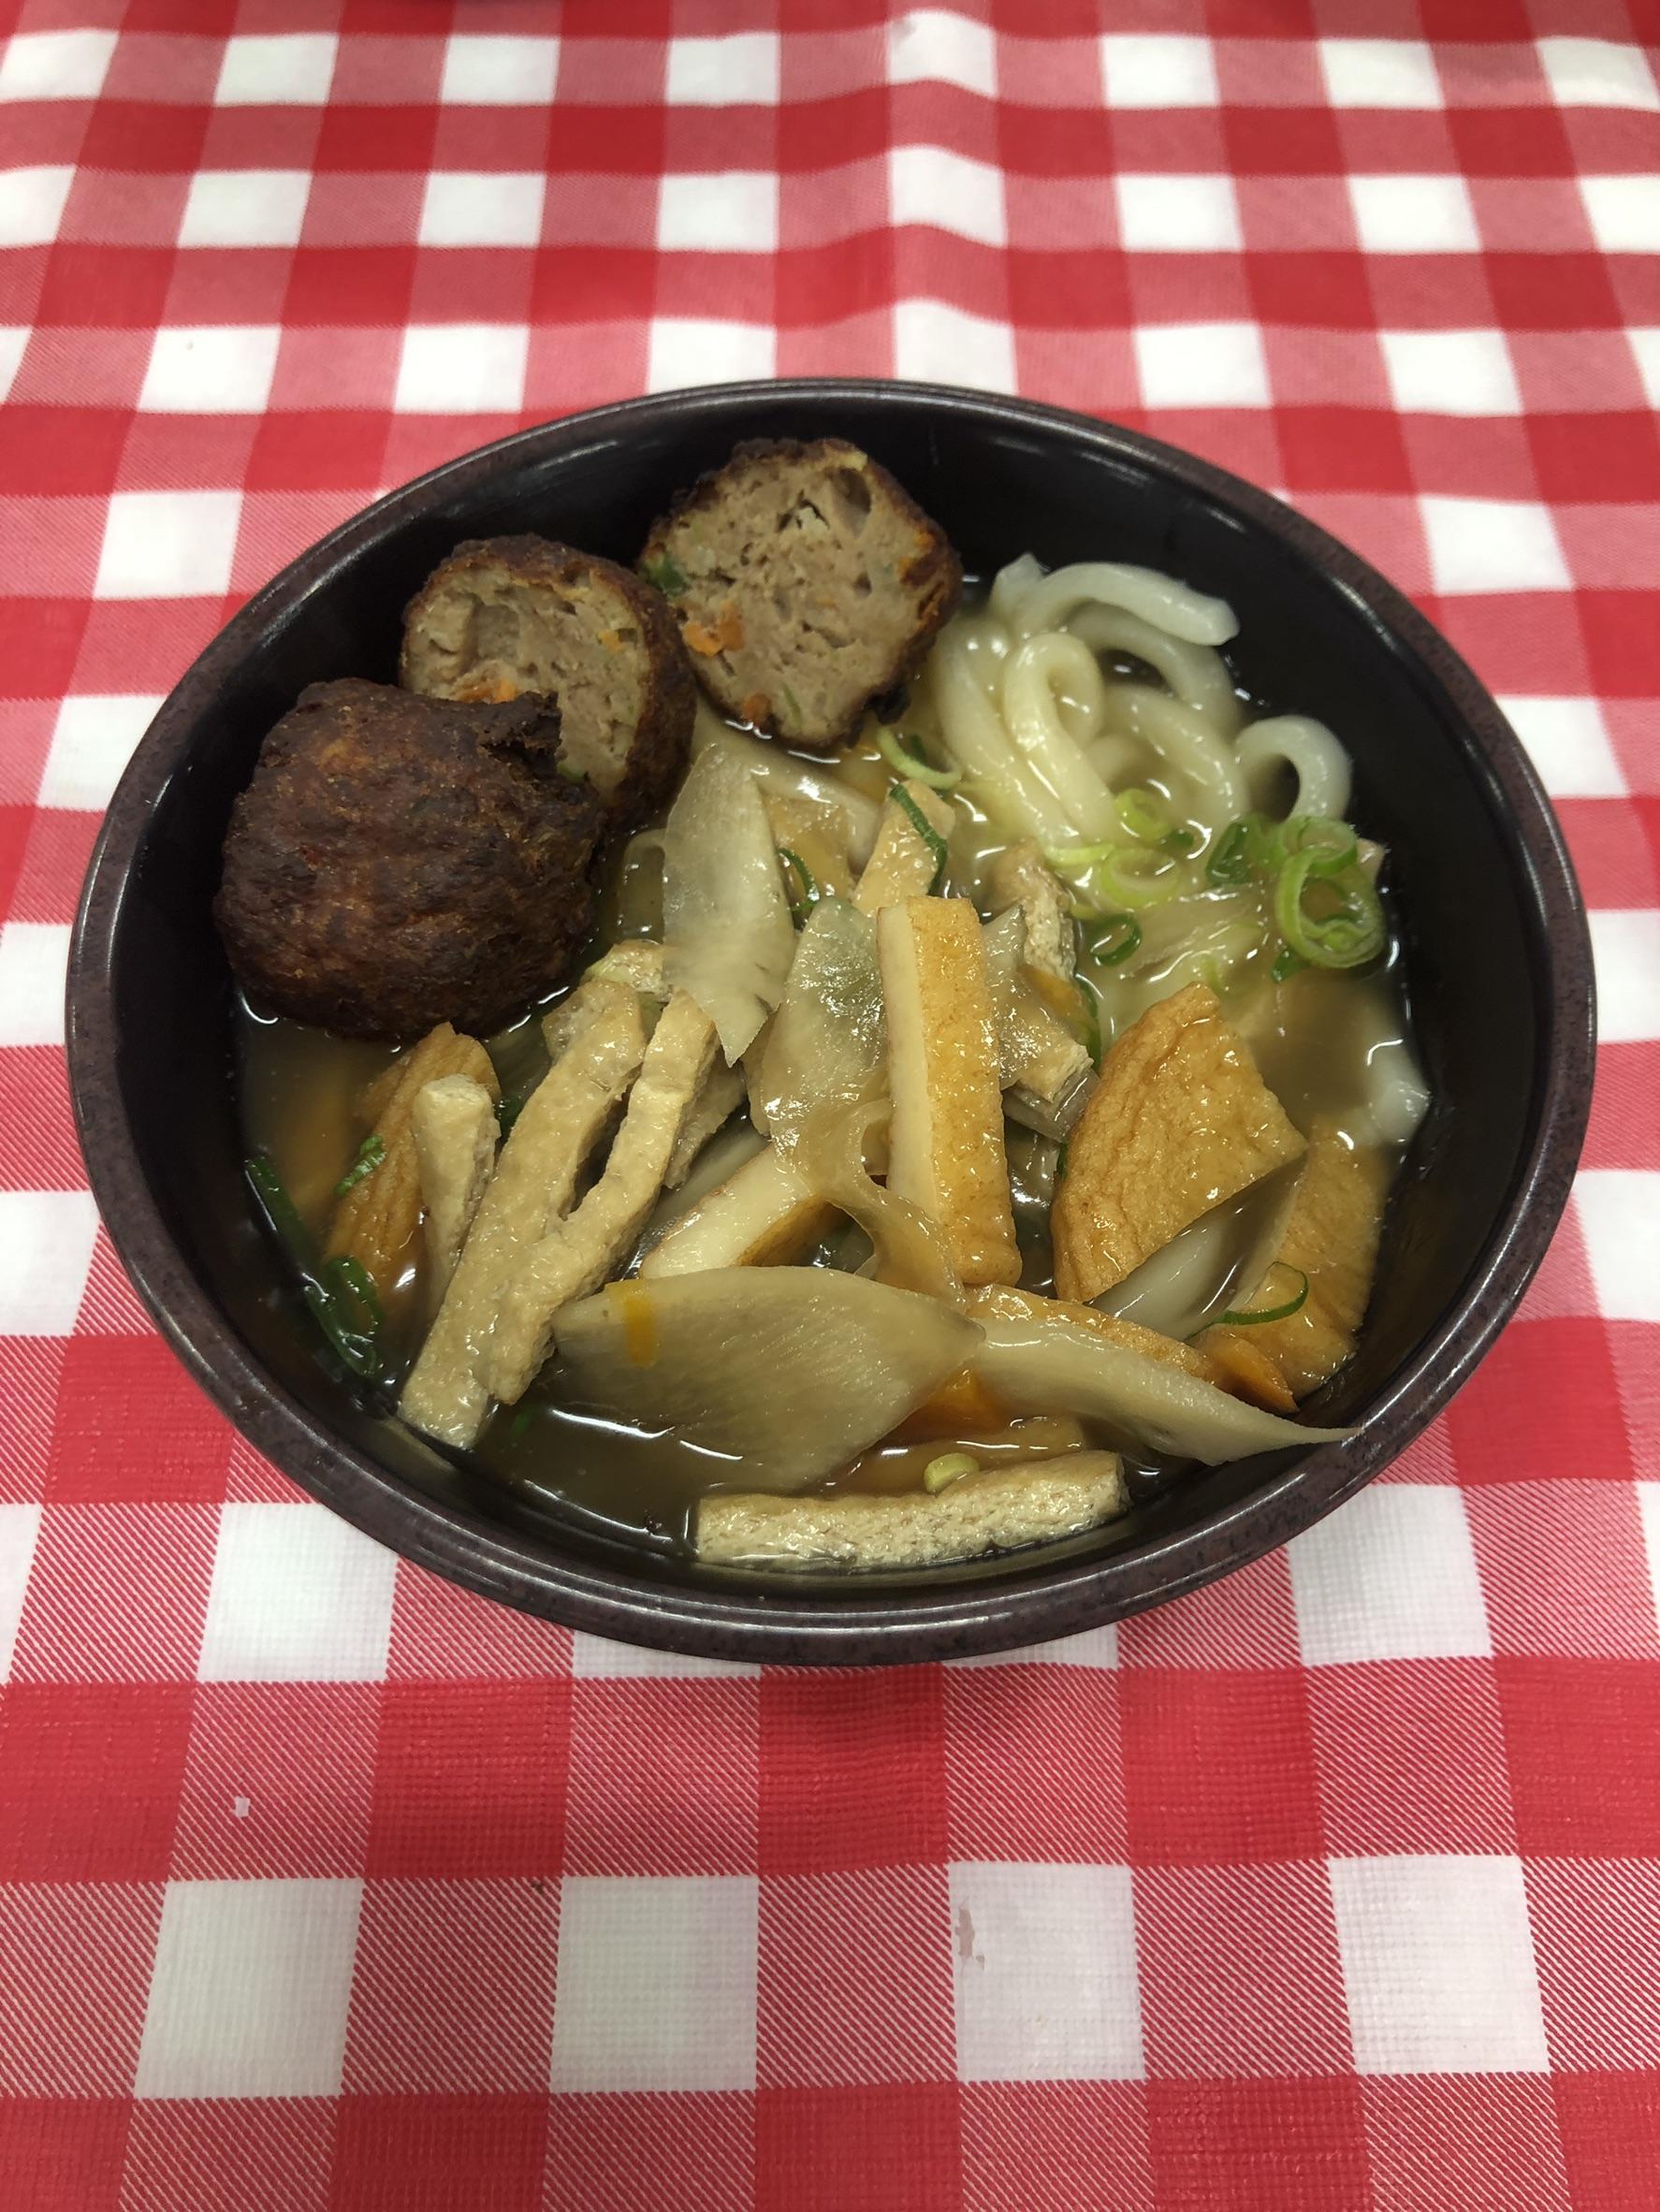 関西学院大学で「TABLE FOR TWO」の協力活動を展開 学生がメニュー4種を考案 10月11日まで 生協食堂で食べて1食20円を途上国支援に寄付